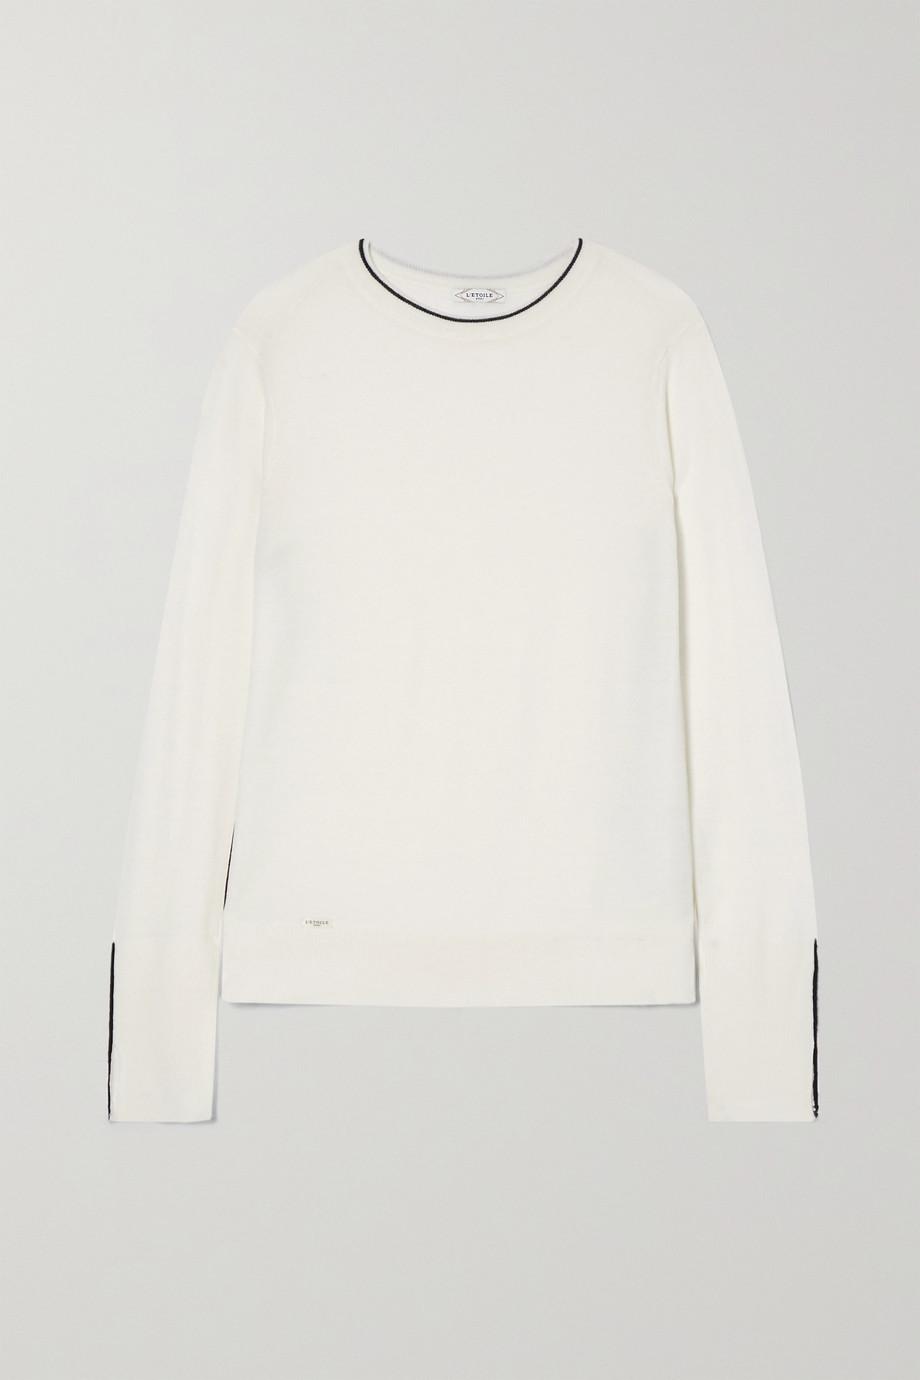 L'Etoile Sport Merino wool sweater